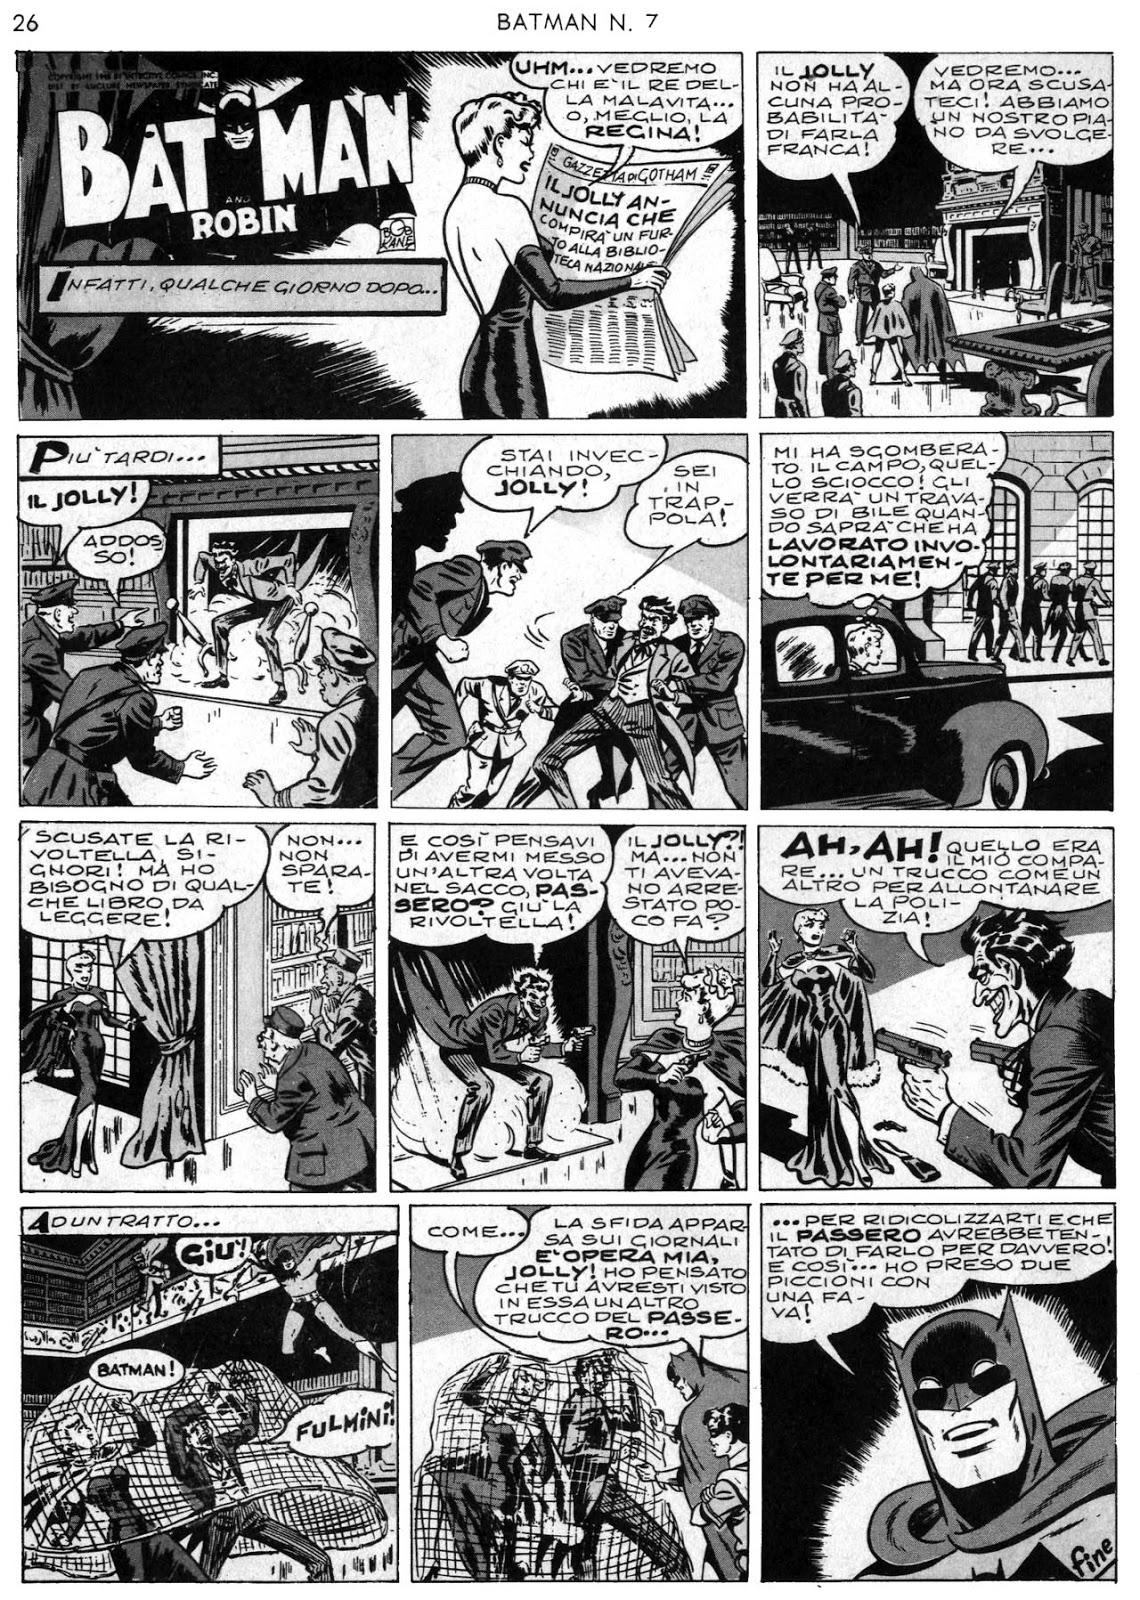 pagina_26